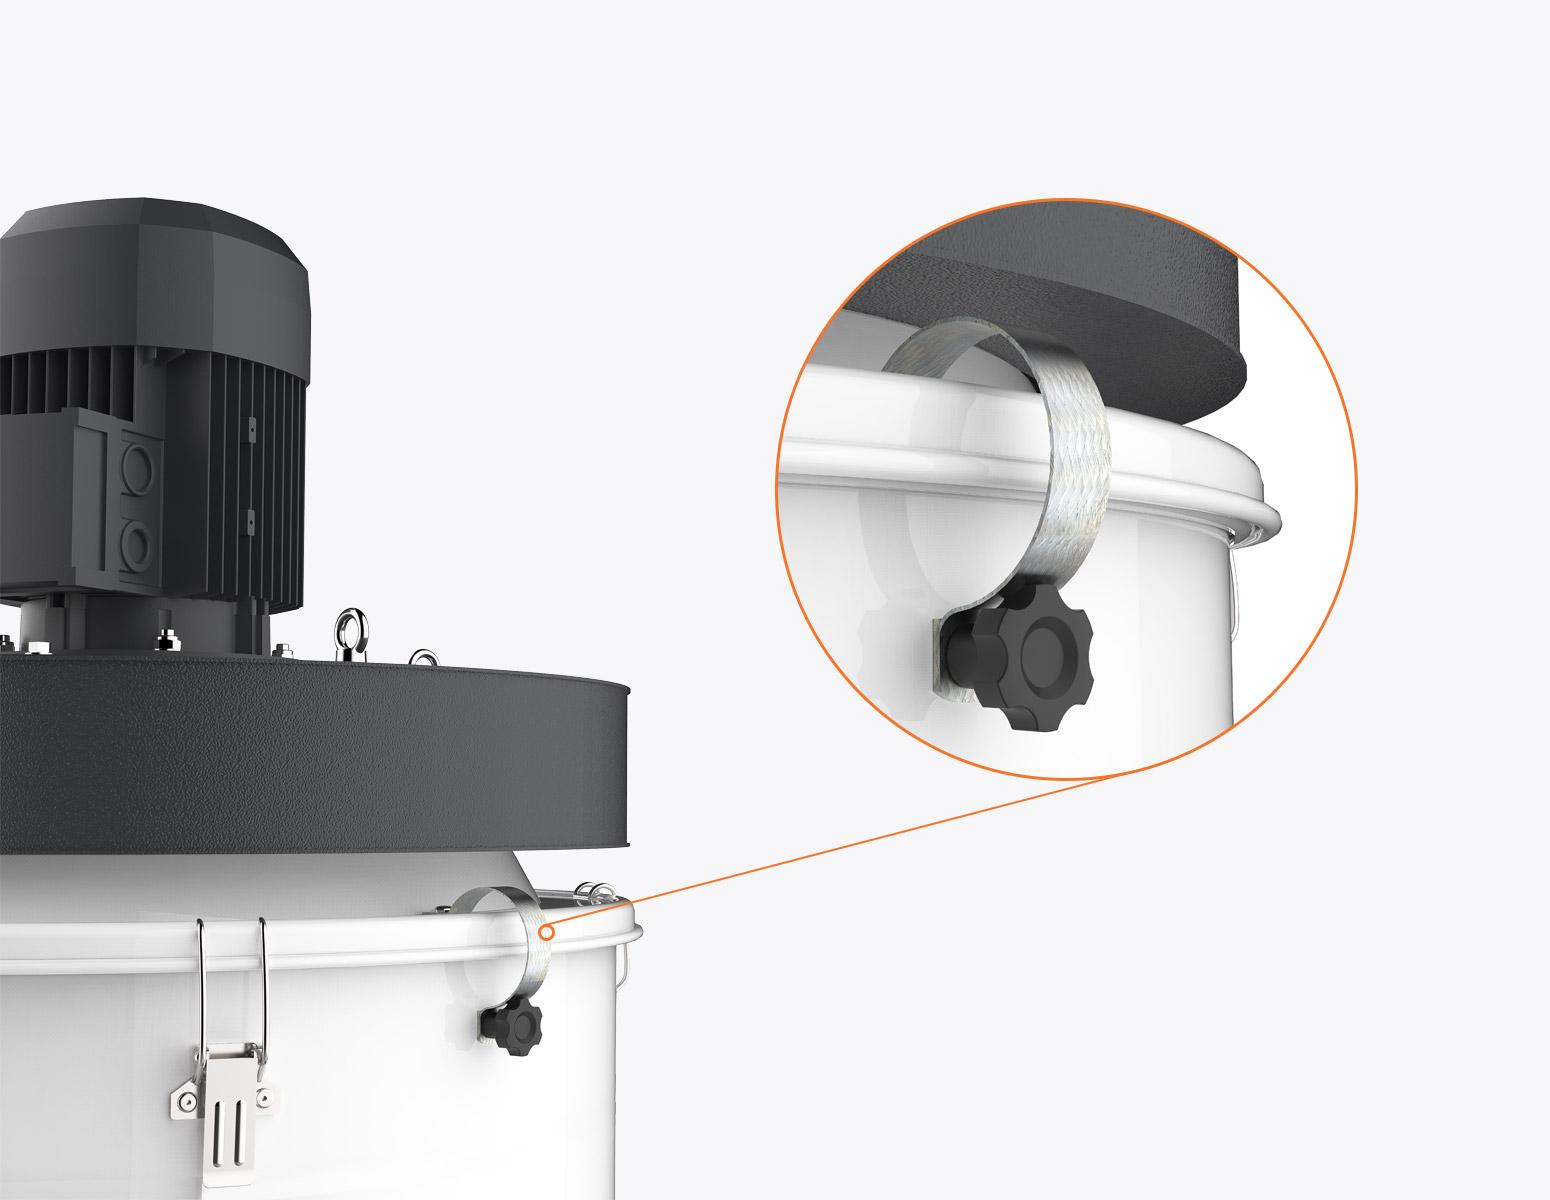 antistatic-kit-industrial-vacuum-cleaners-ivision-vacuum-p2